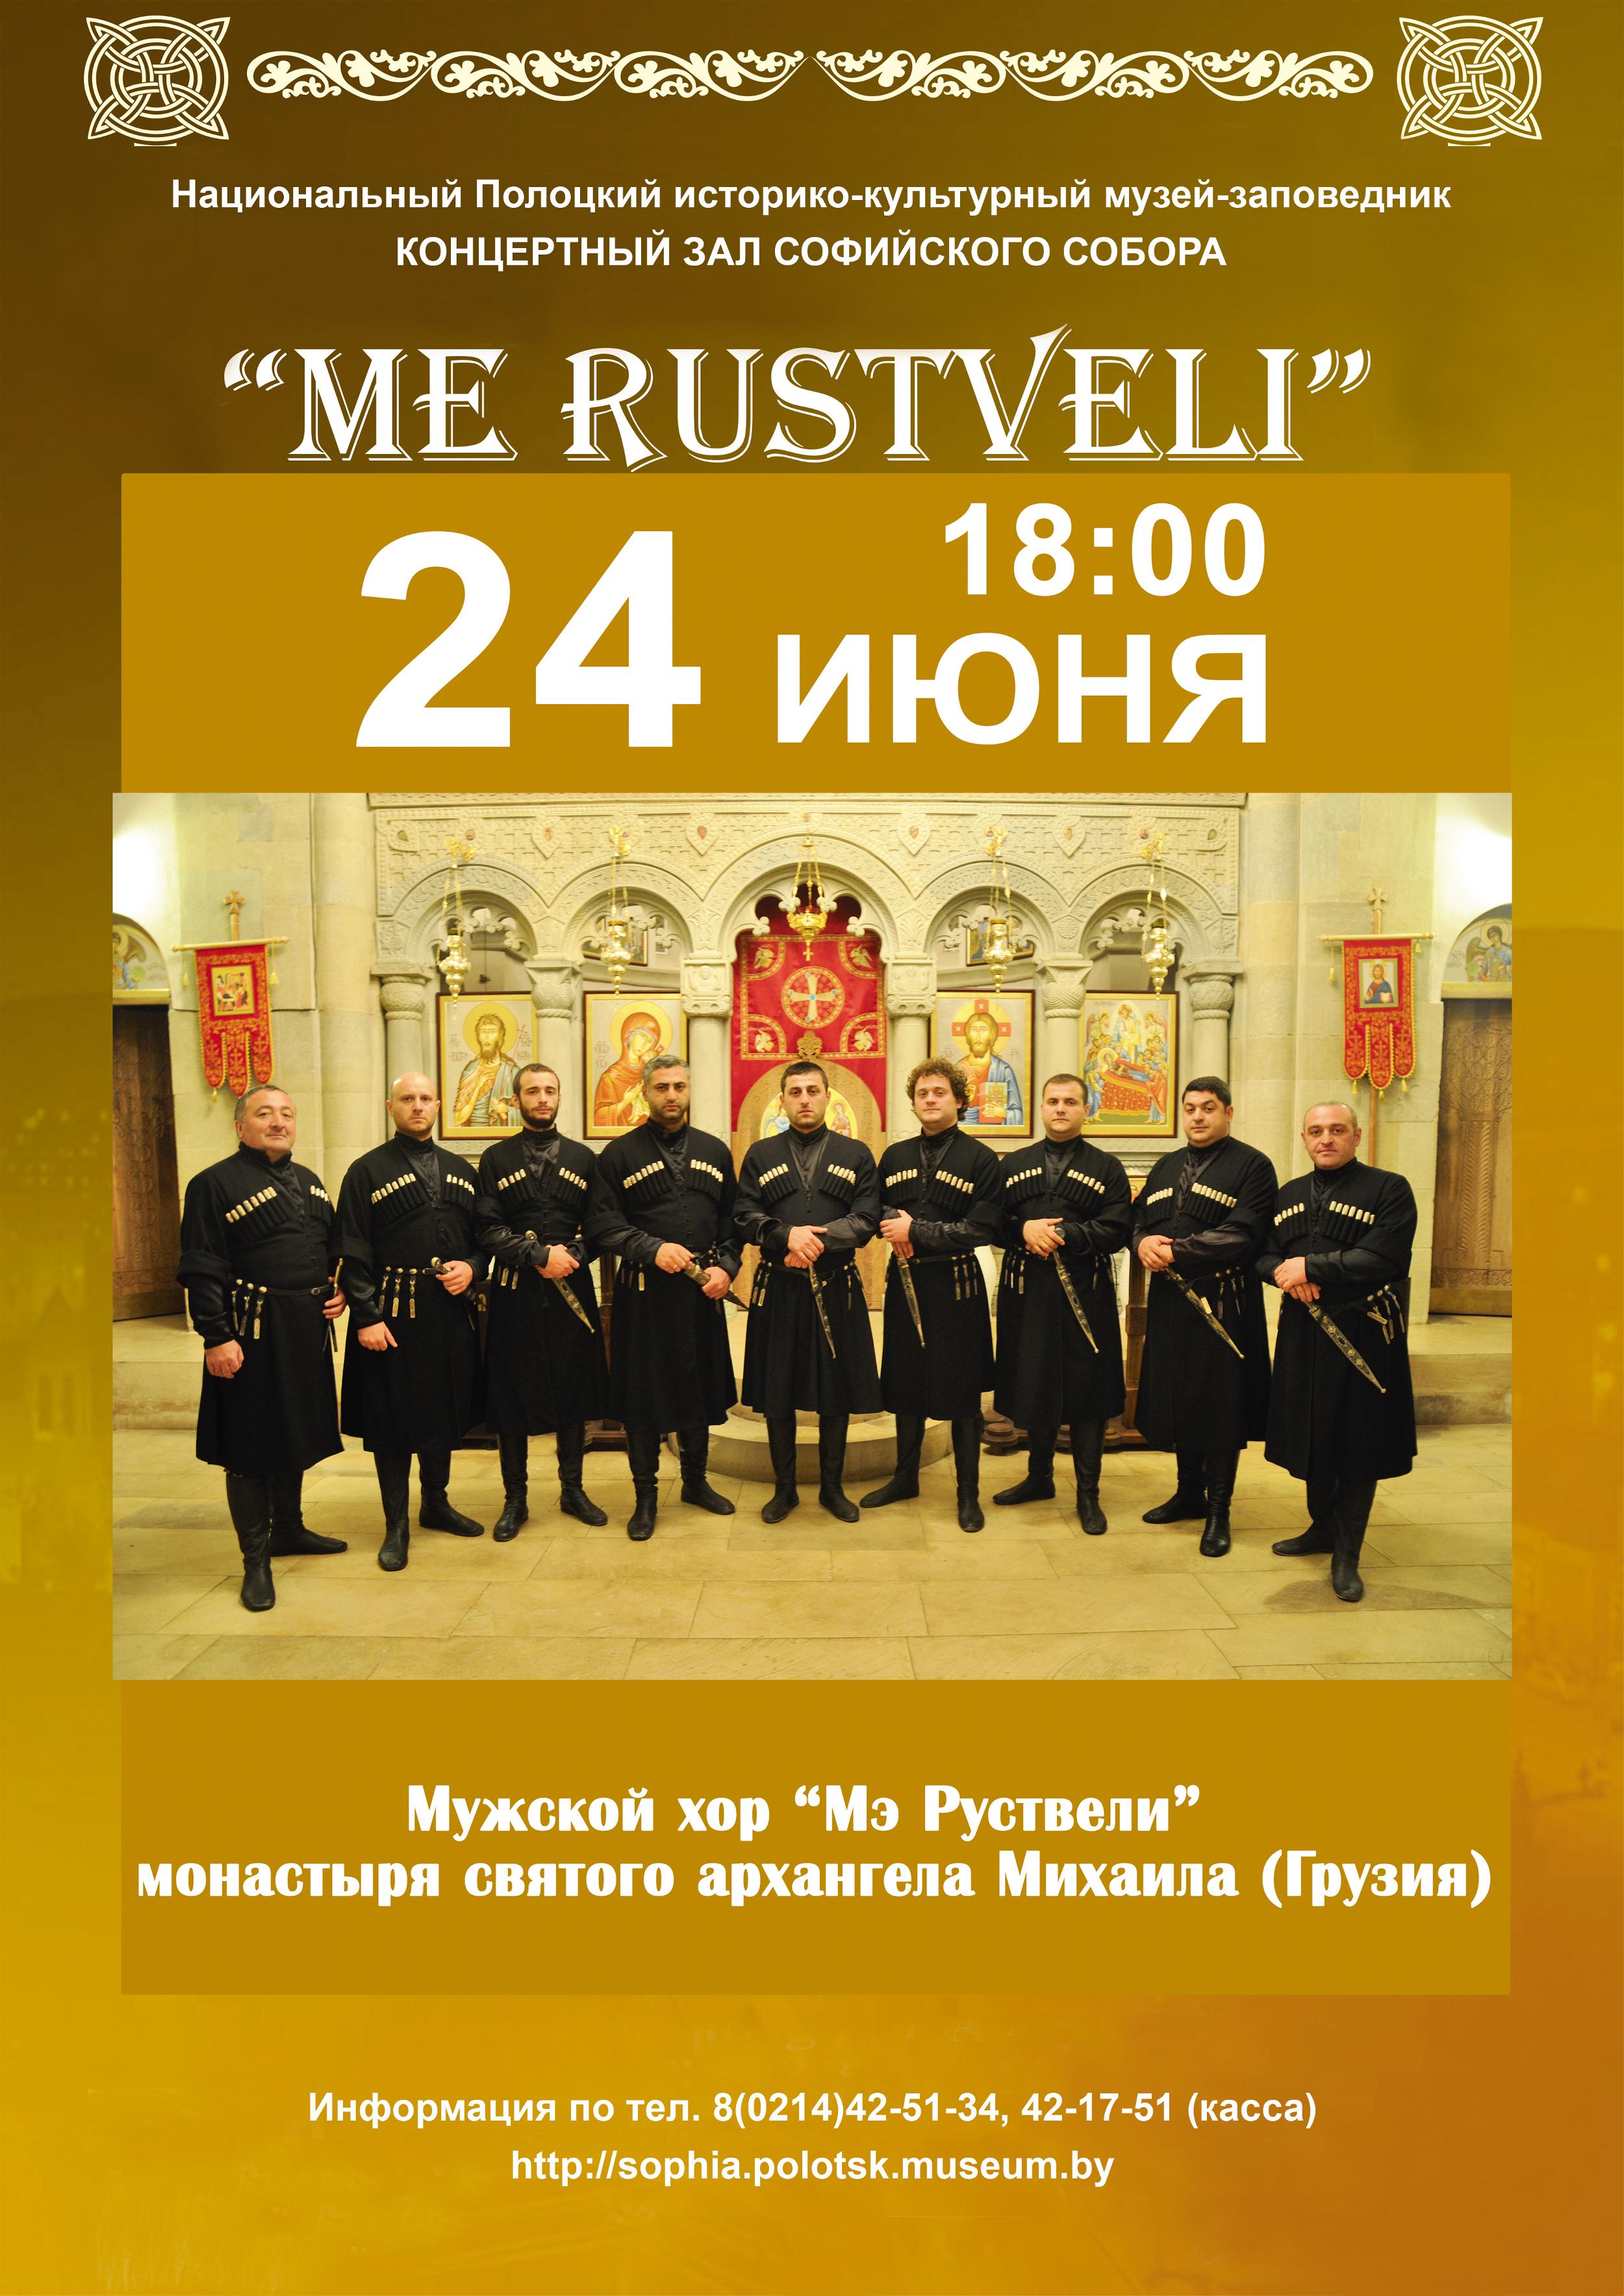 Концерт грузинского мужского хора в Софийском соборе